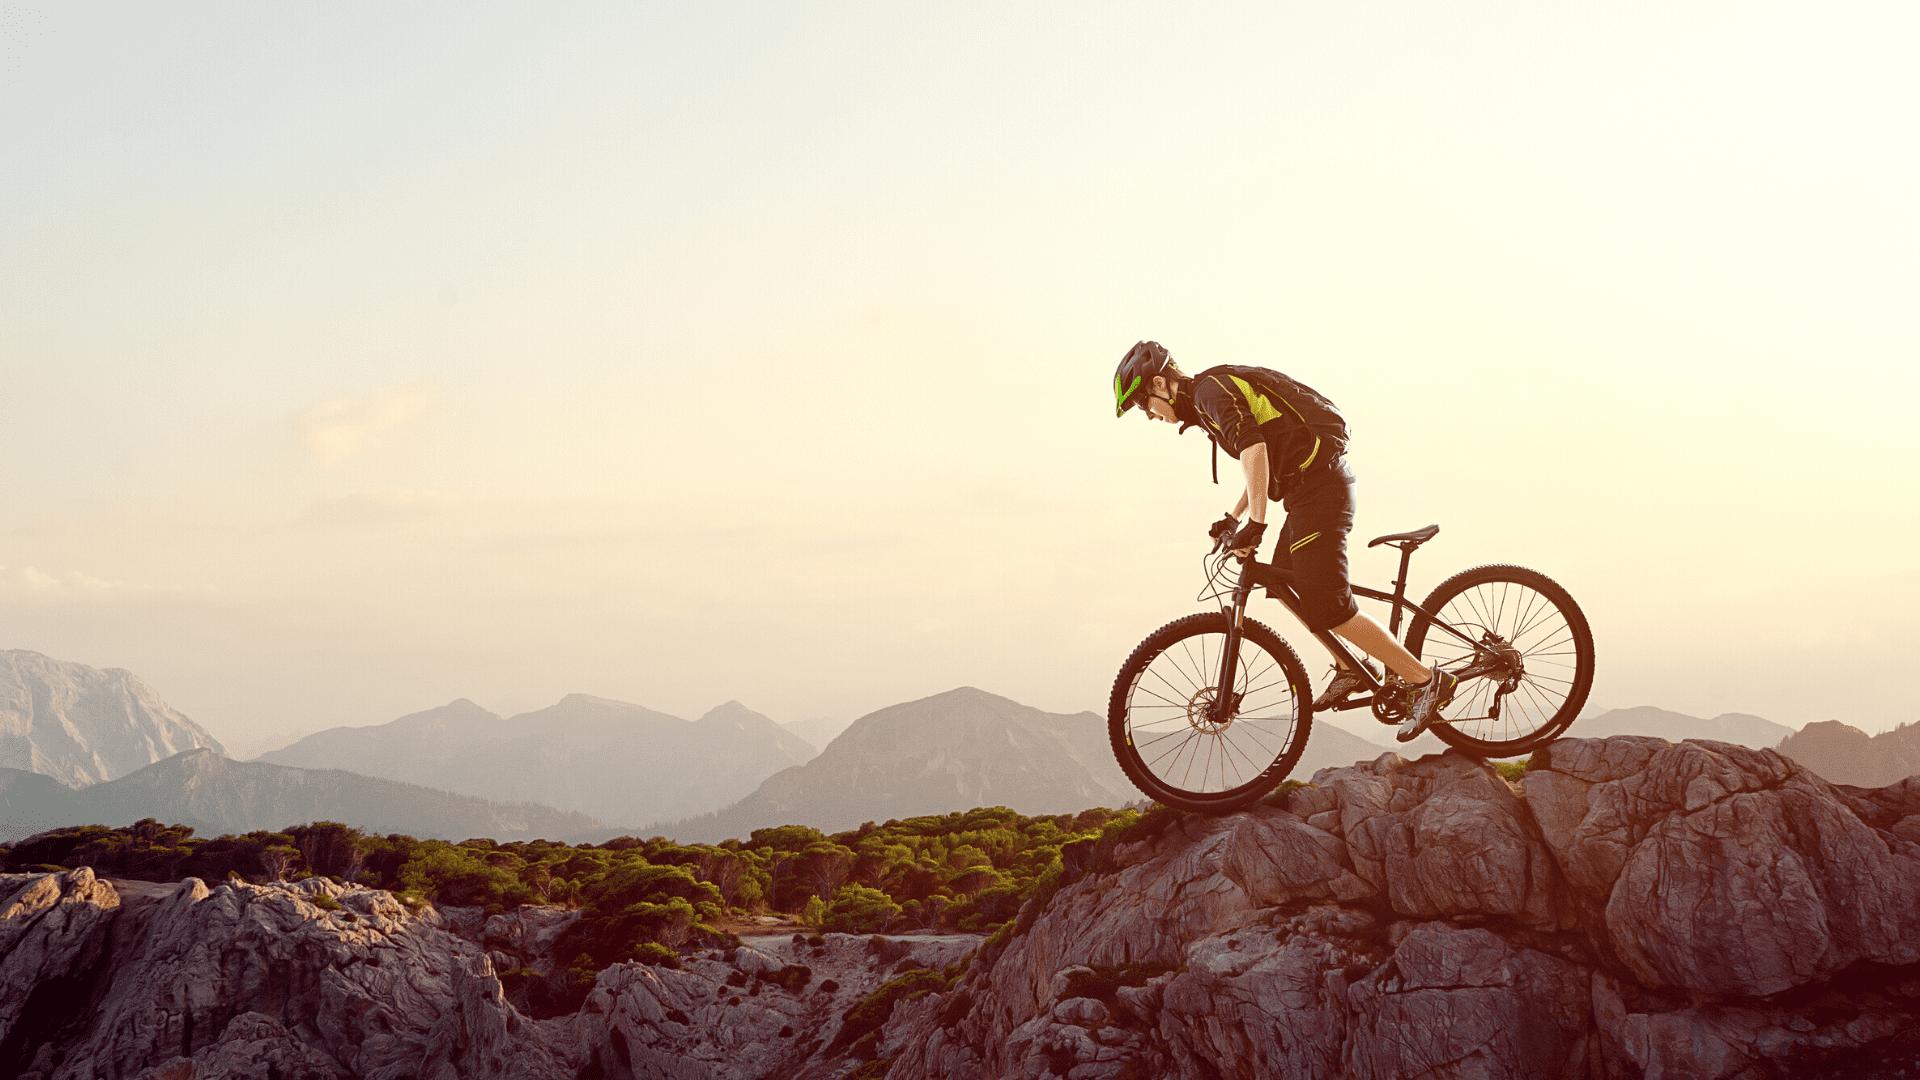 Para pedalar em trilhas, a melhor bicicleta é a Mountain Bike (Imagem: Reprodução/Shutterstock)